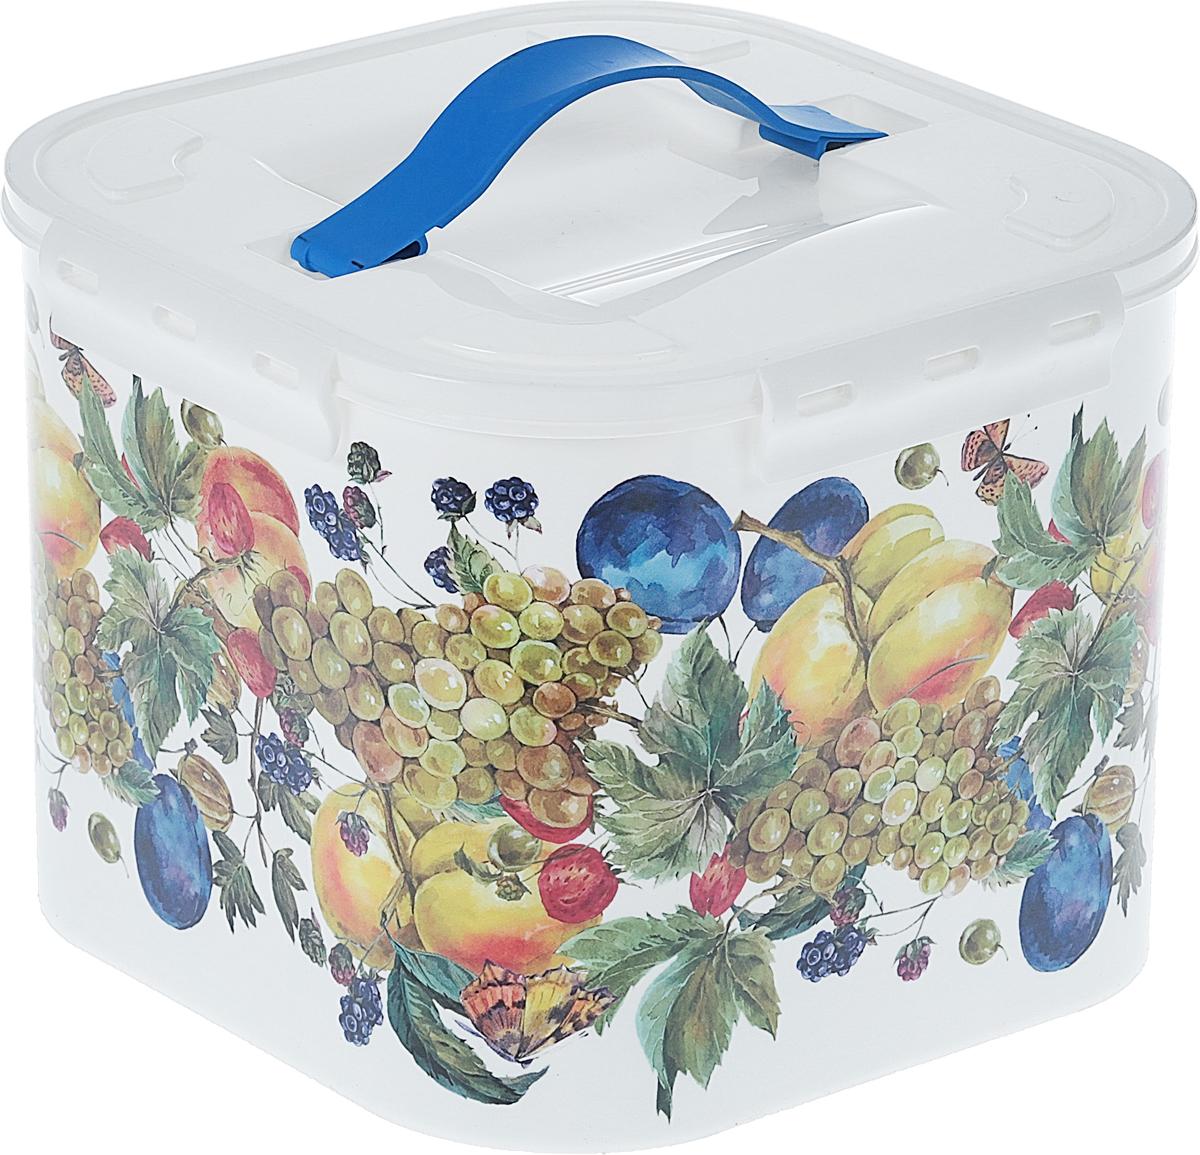 Контейнер для хранения Idea Фрукты, цвет: белый, 7 л контейнер для хранения idea океаник цвет голубой 20 л